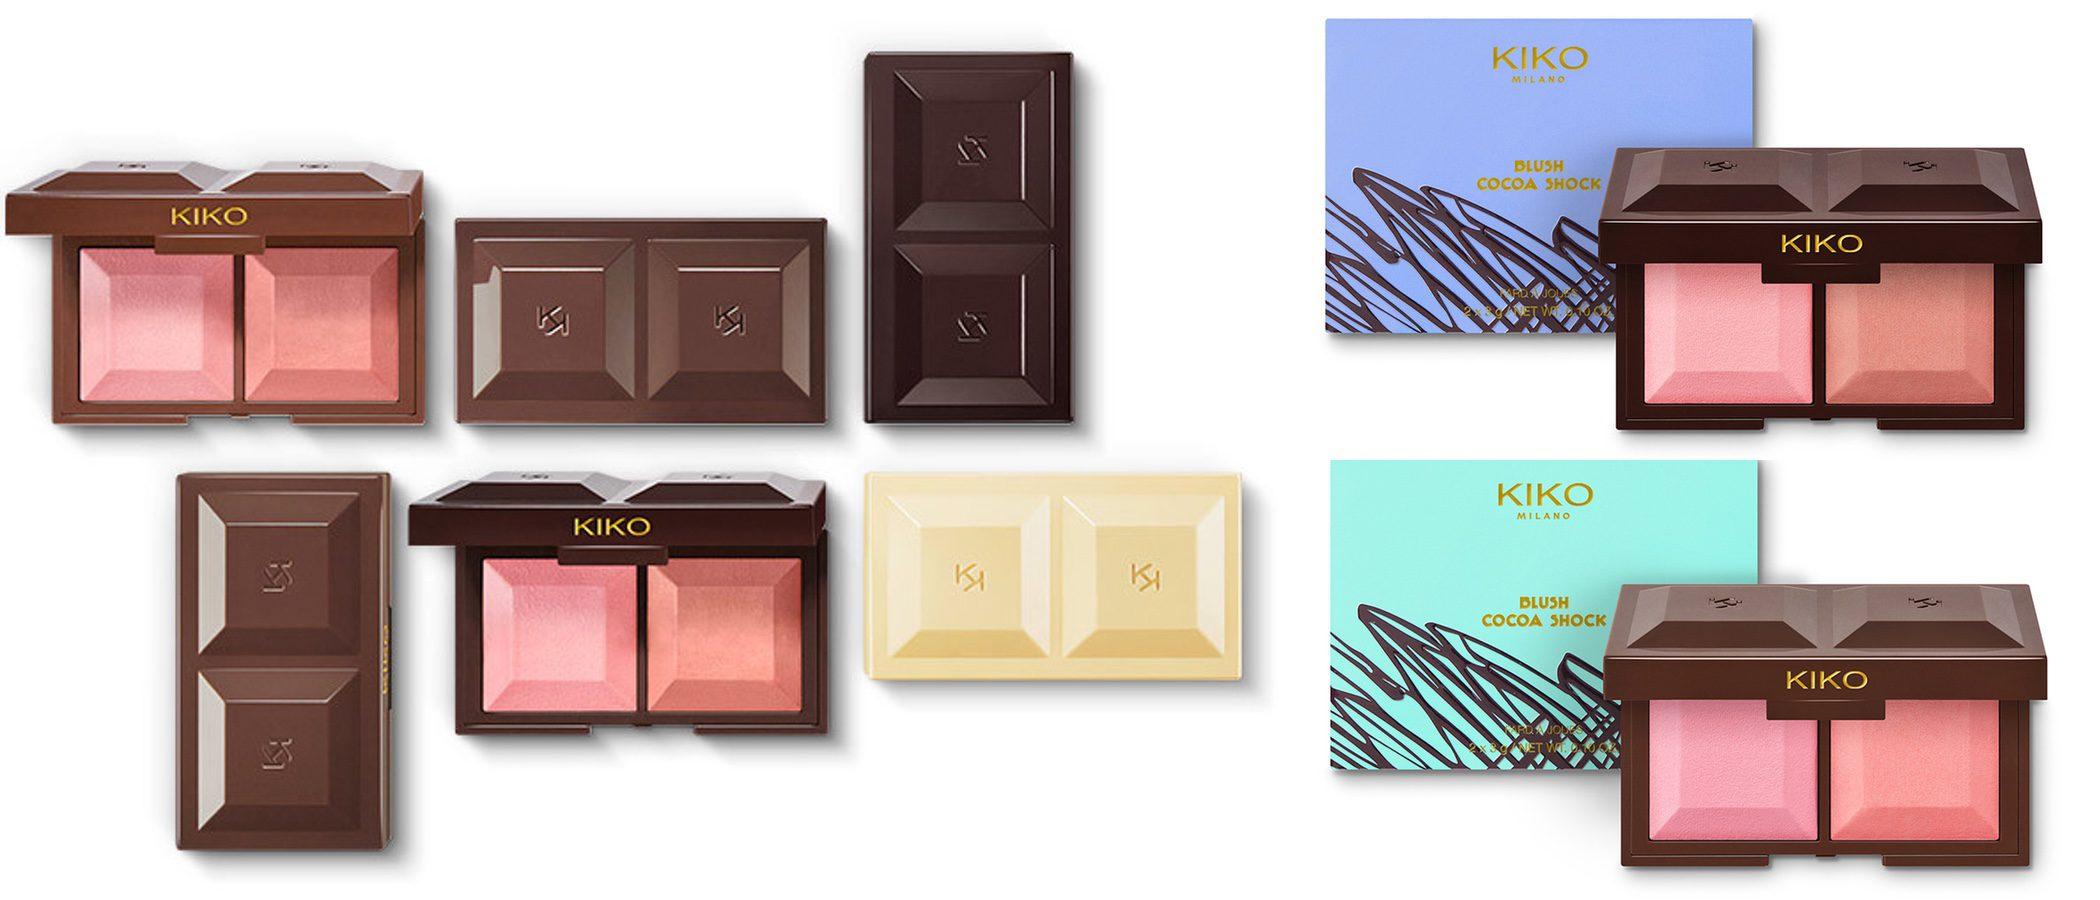 Kiko lanza una colección de coloretes guardados en una tableta de chocolate